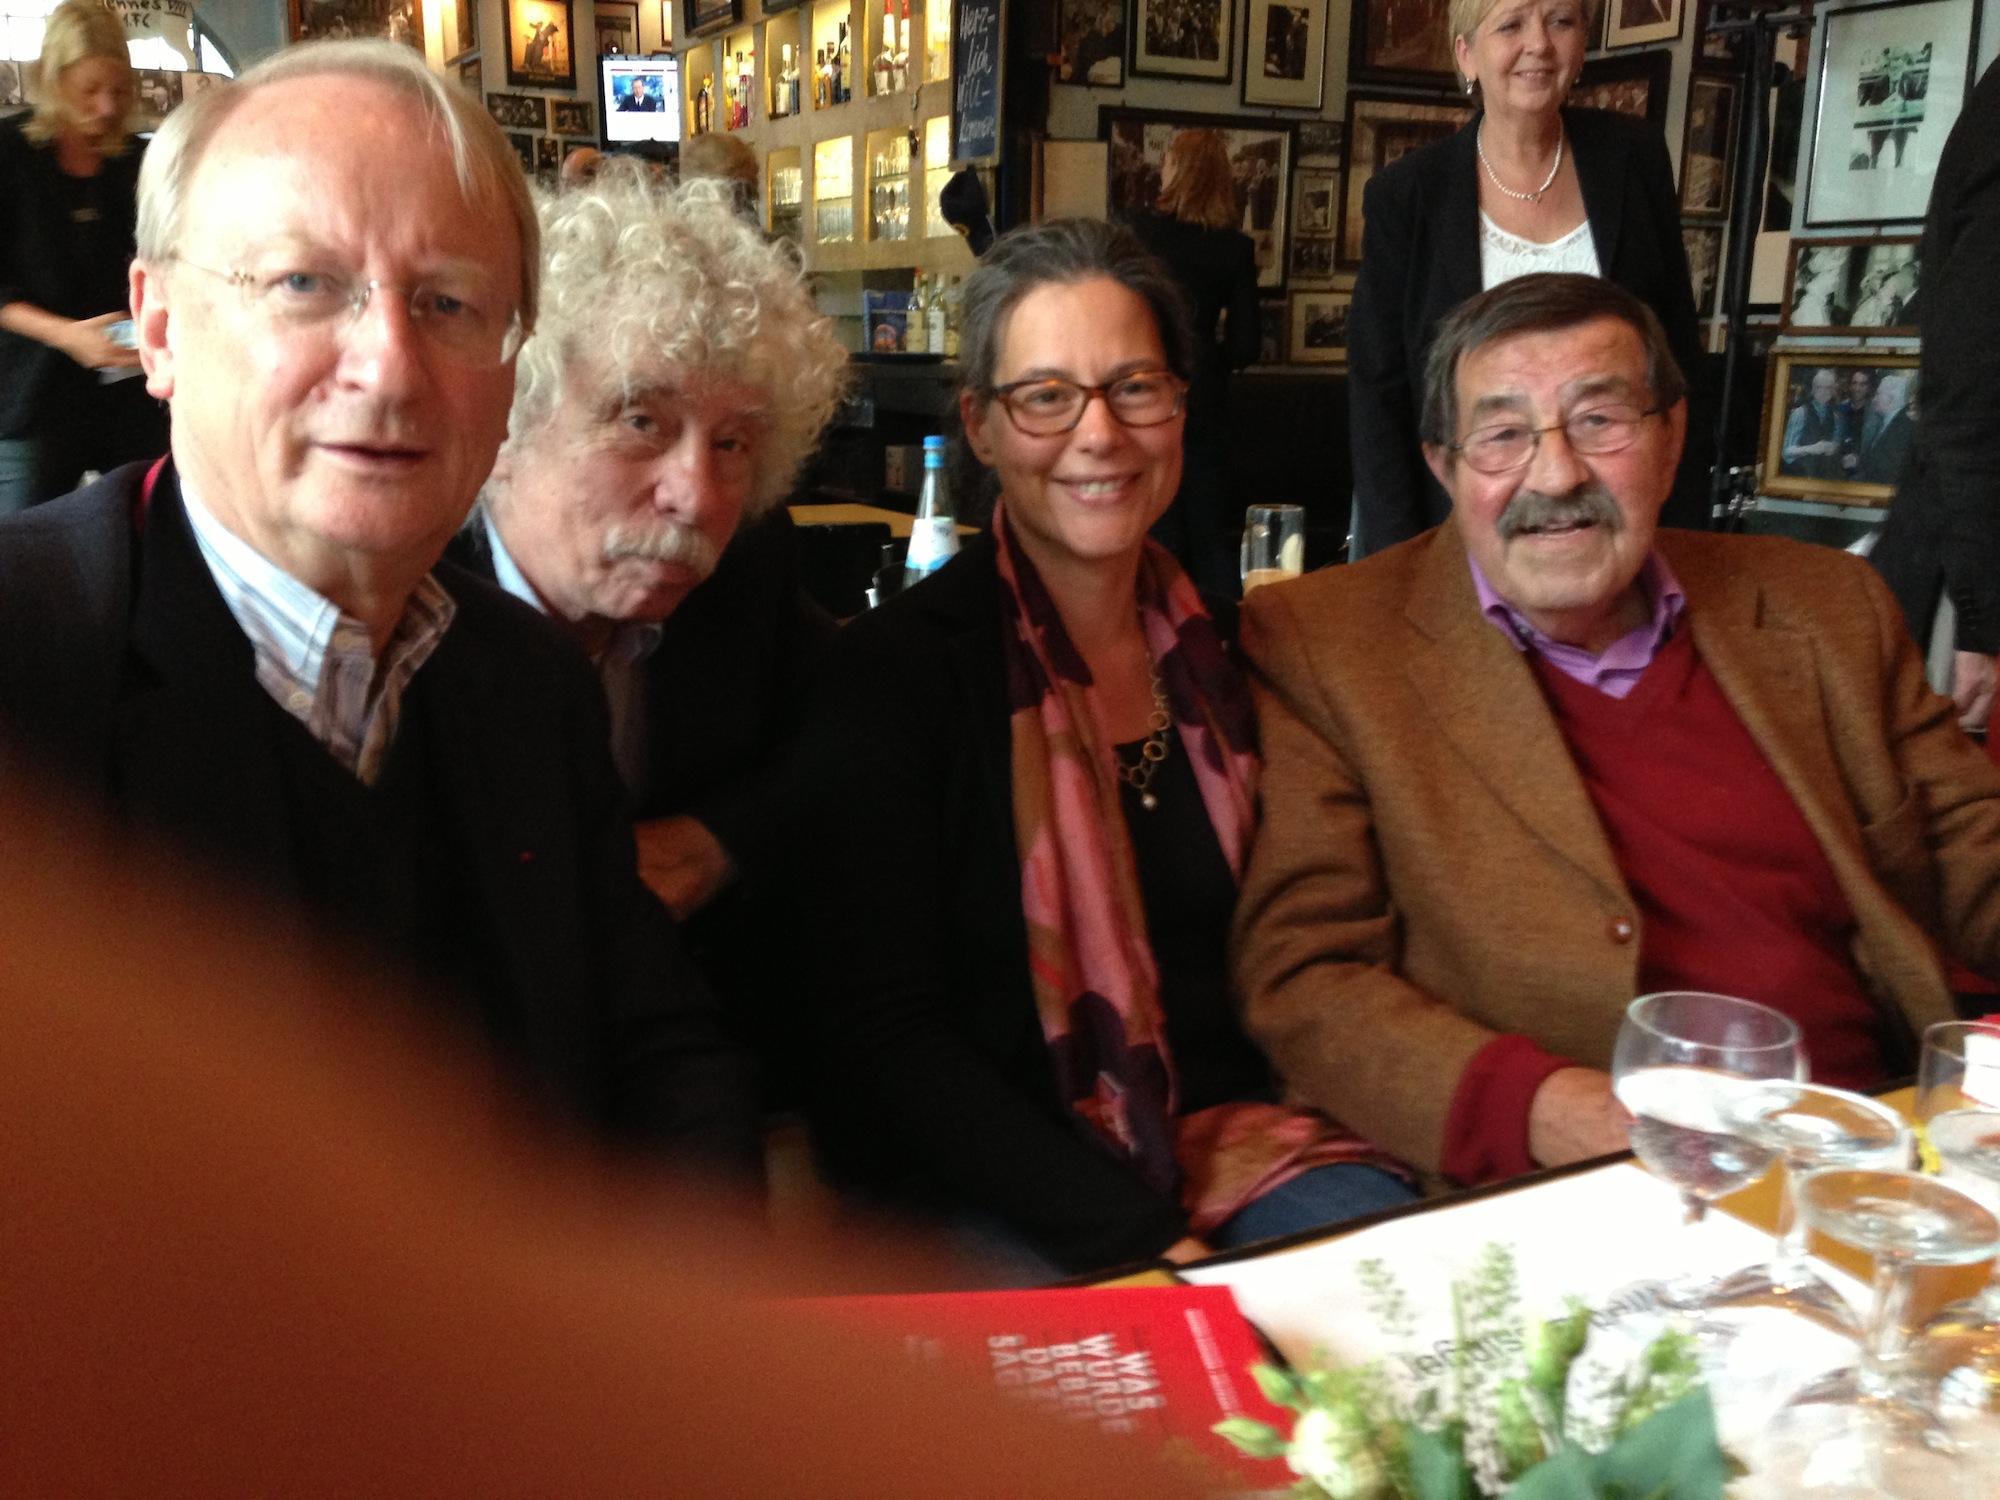 v.l.n.r.: Klaus Staeck, Johano Strasser, Nina Scheer, Günter Grass